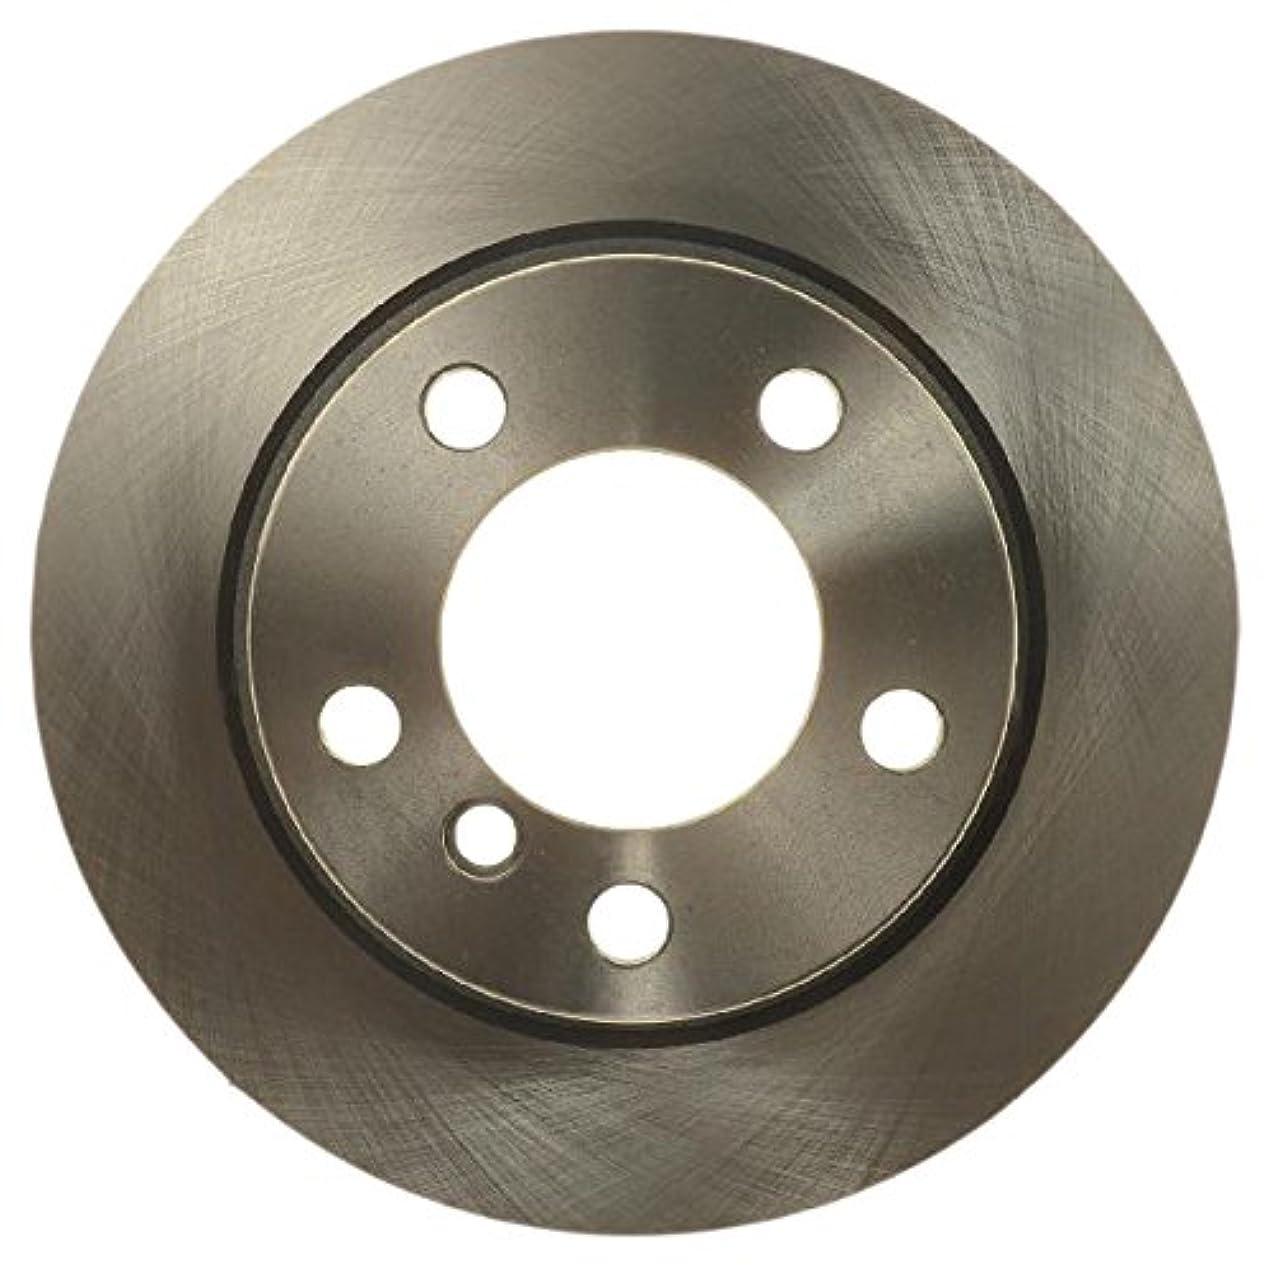 Bendix Premium Drum and Rotor PRT6161 Rear Rotor